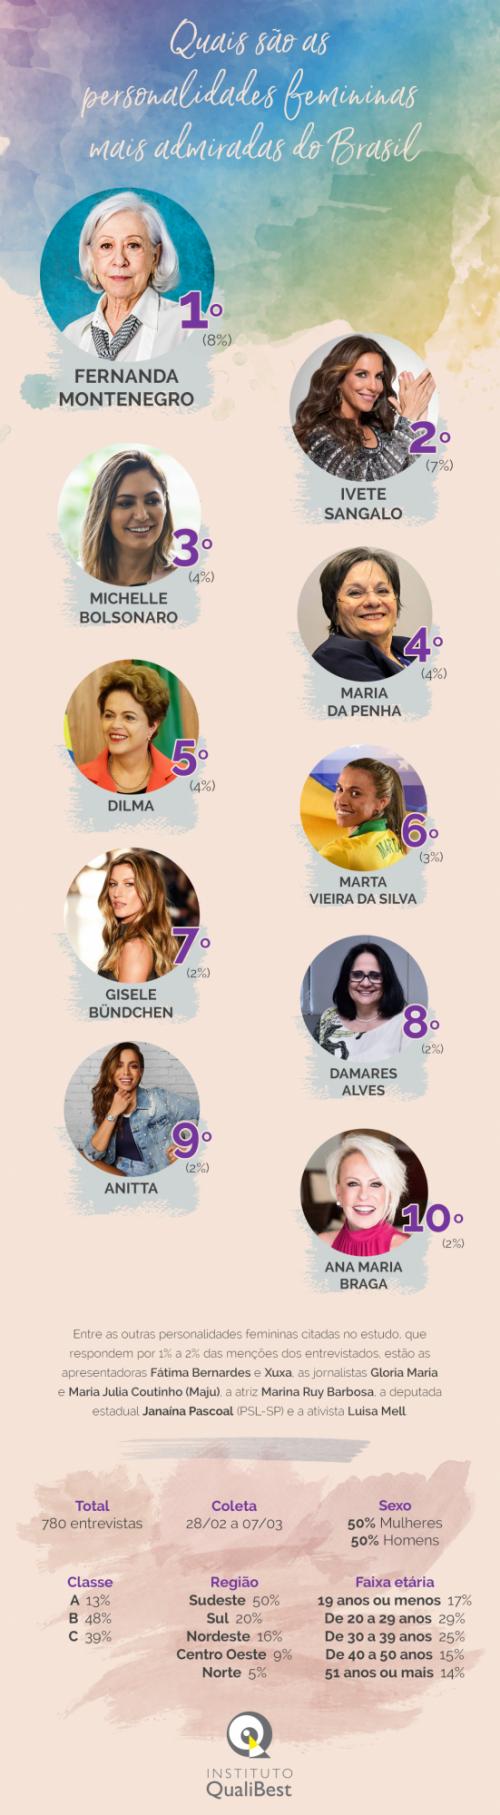 Top 10 mulheres mais admiradas/Brasil - Foto: reprodução Instituto QualiBest